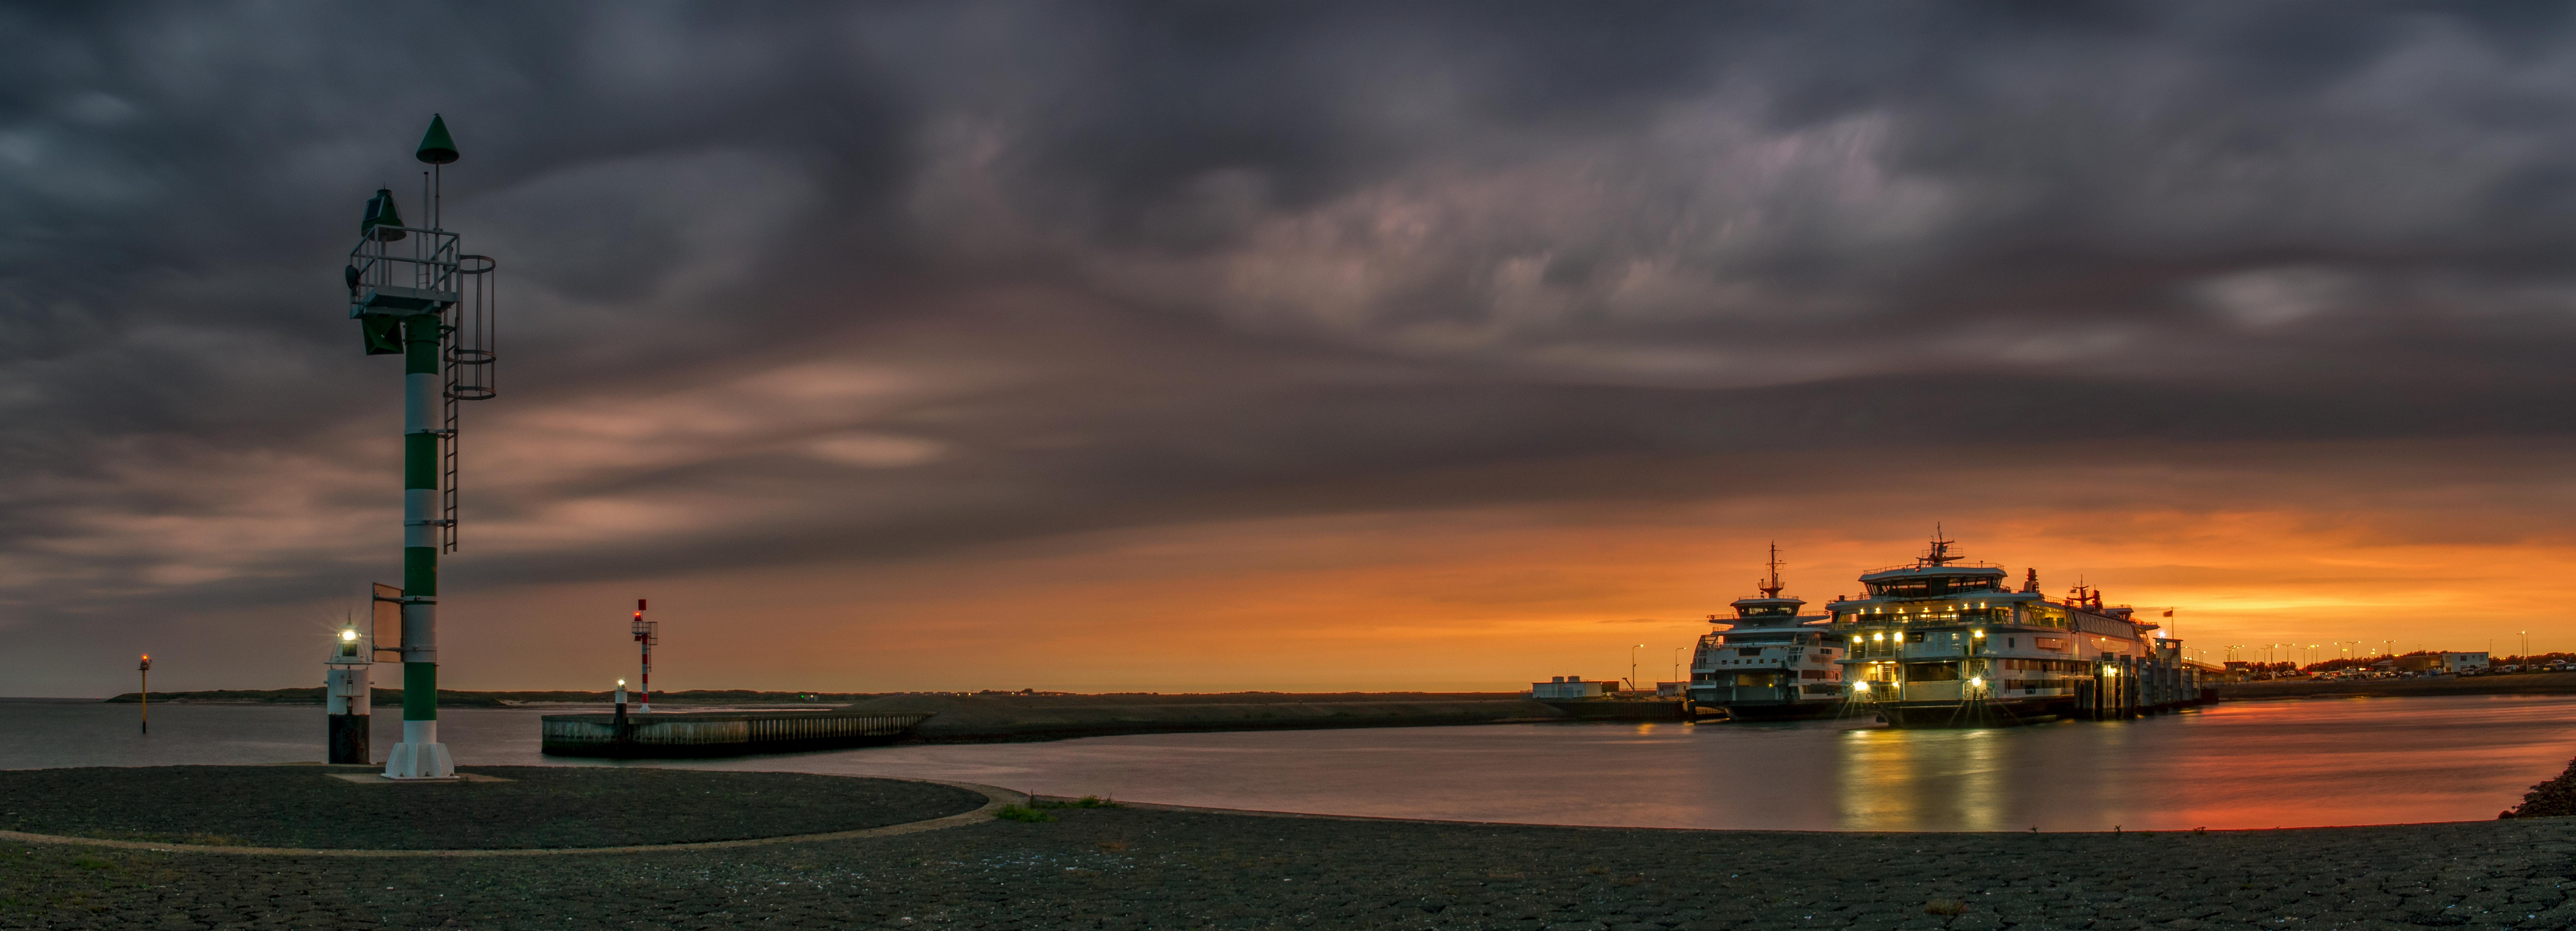 Veerhaven panorama 17-06-2020